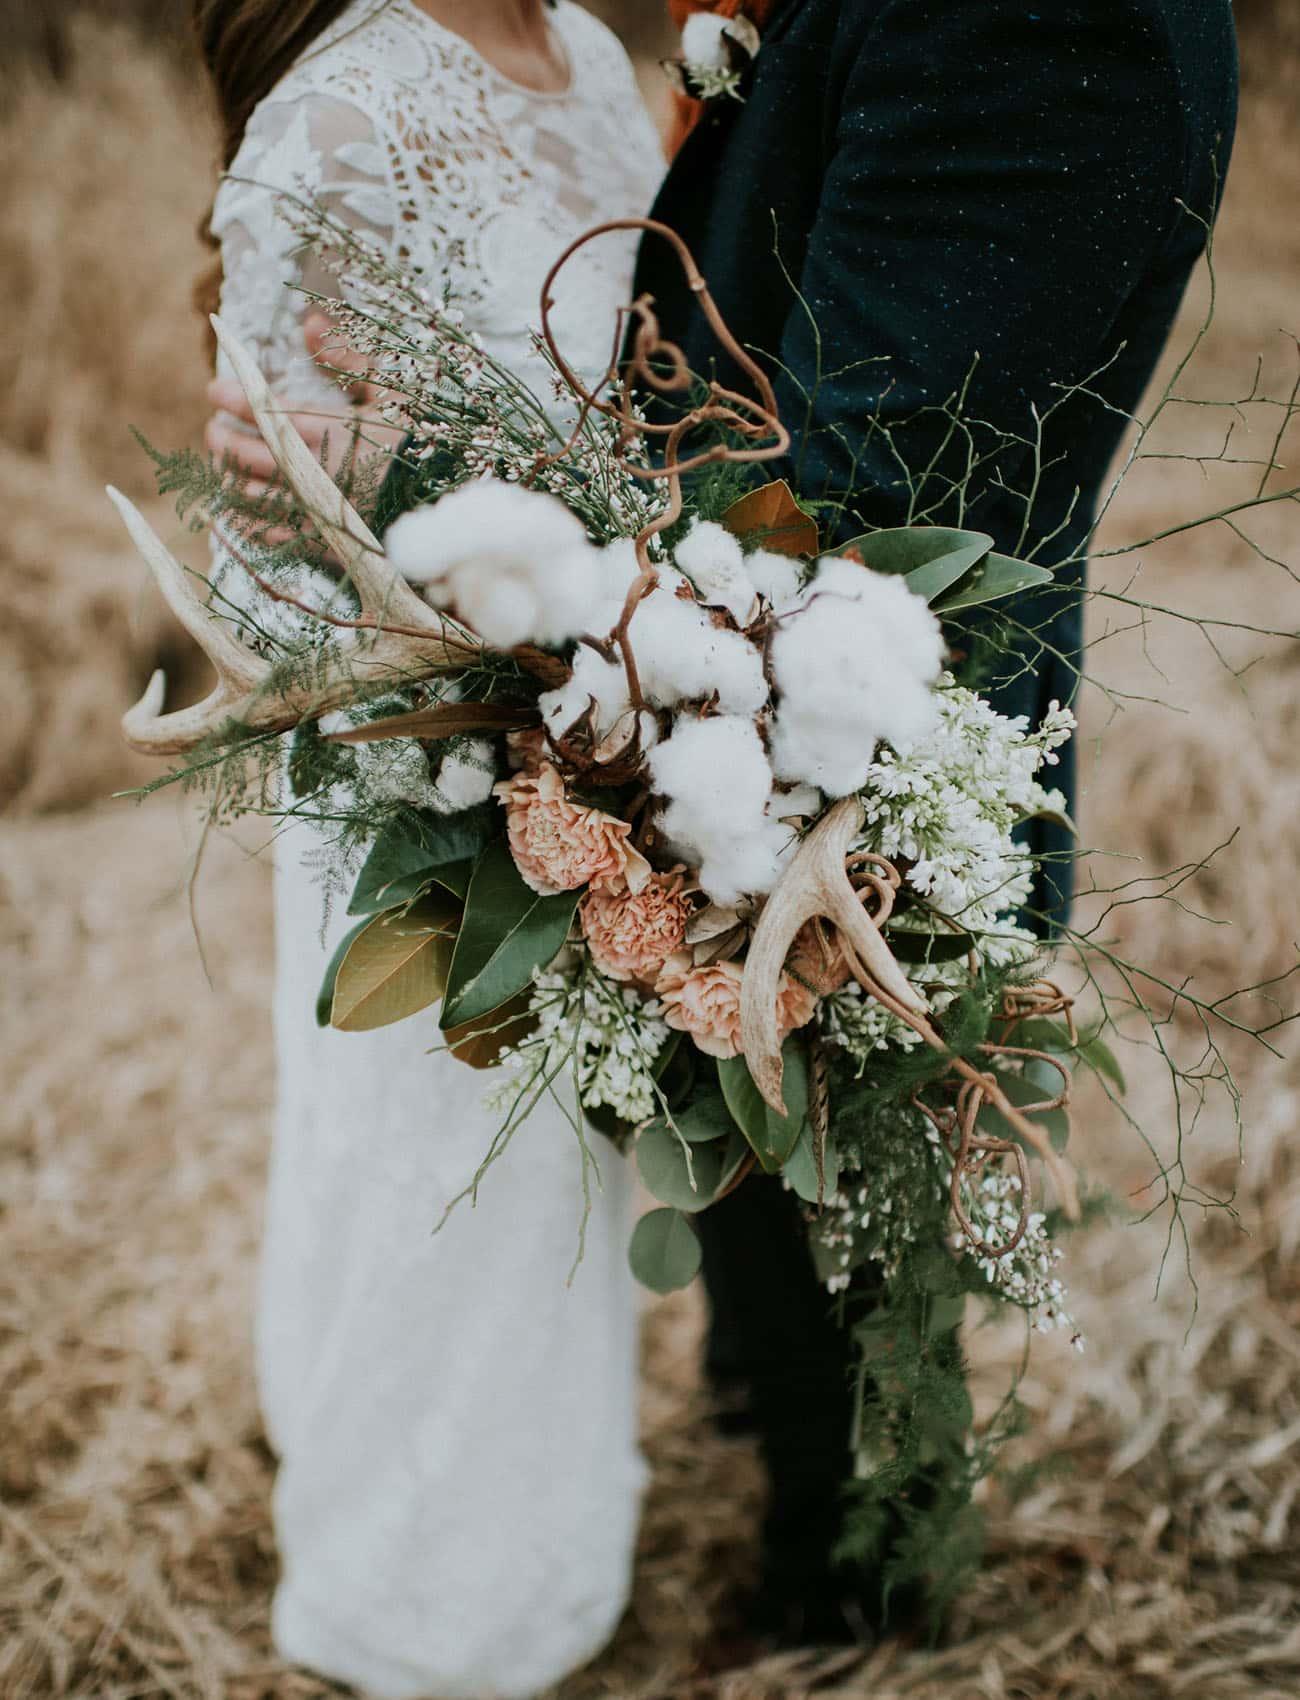 Mariage boheme et naturel au coeur de l'hiver 3